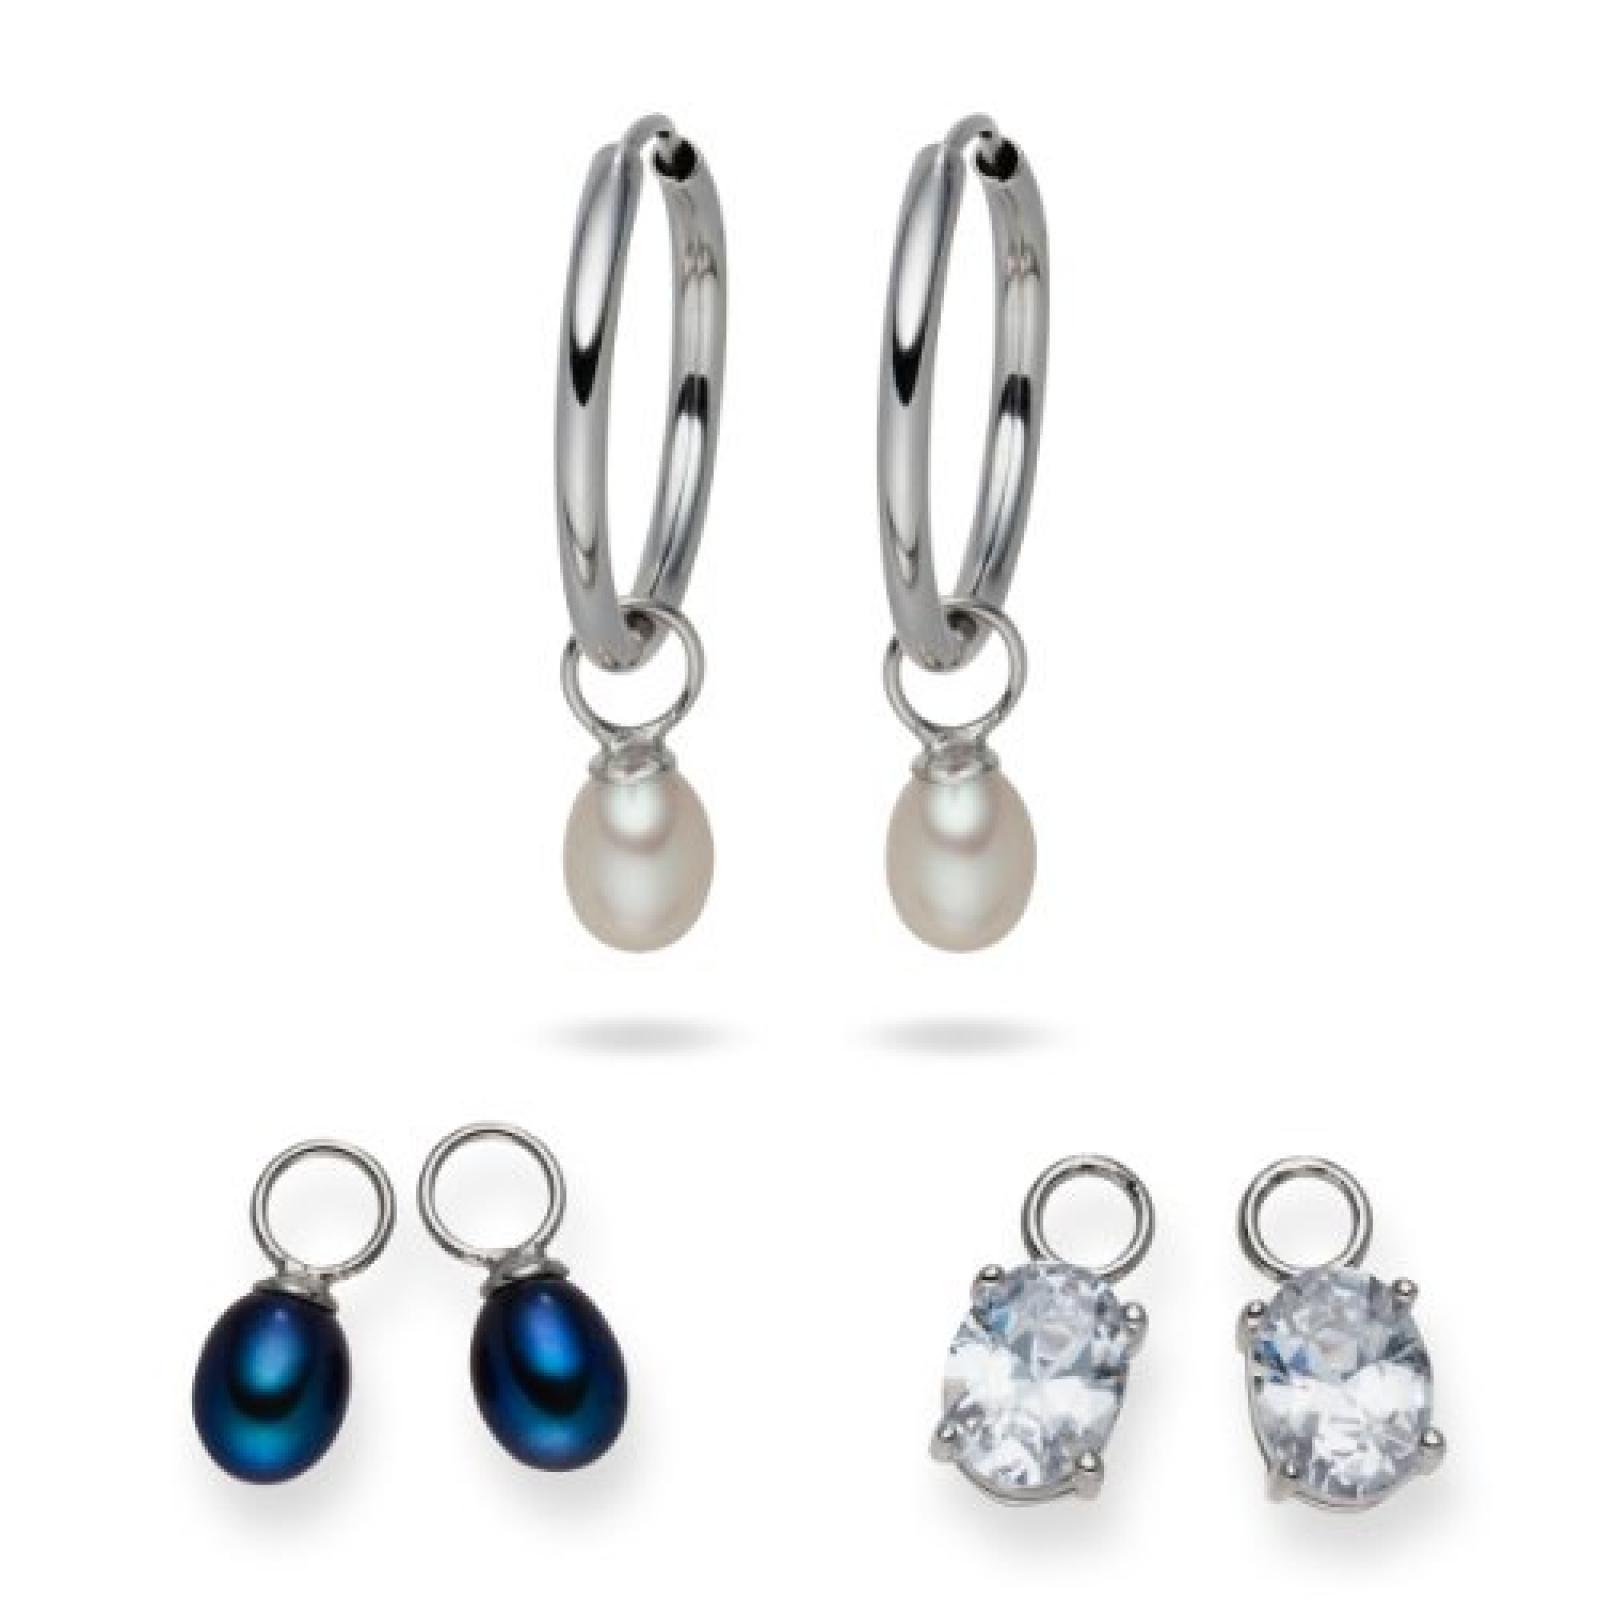 Valero Pearls Fashion Collection Damen-Creolen Hochwertige Süßwasser-Zuchtperlen in ca.  5-6 mm Tropfenform weiß / pfauenblau 925 Sterling Silber   Zirkonia weiß    60840001